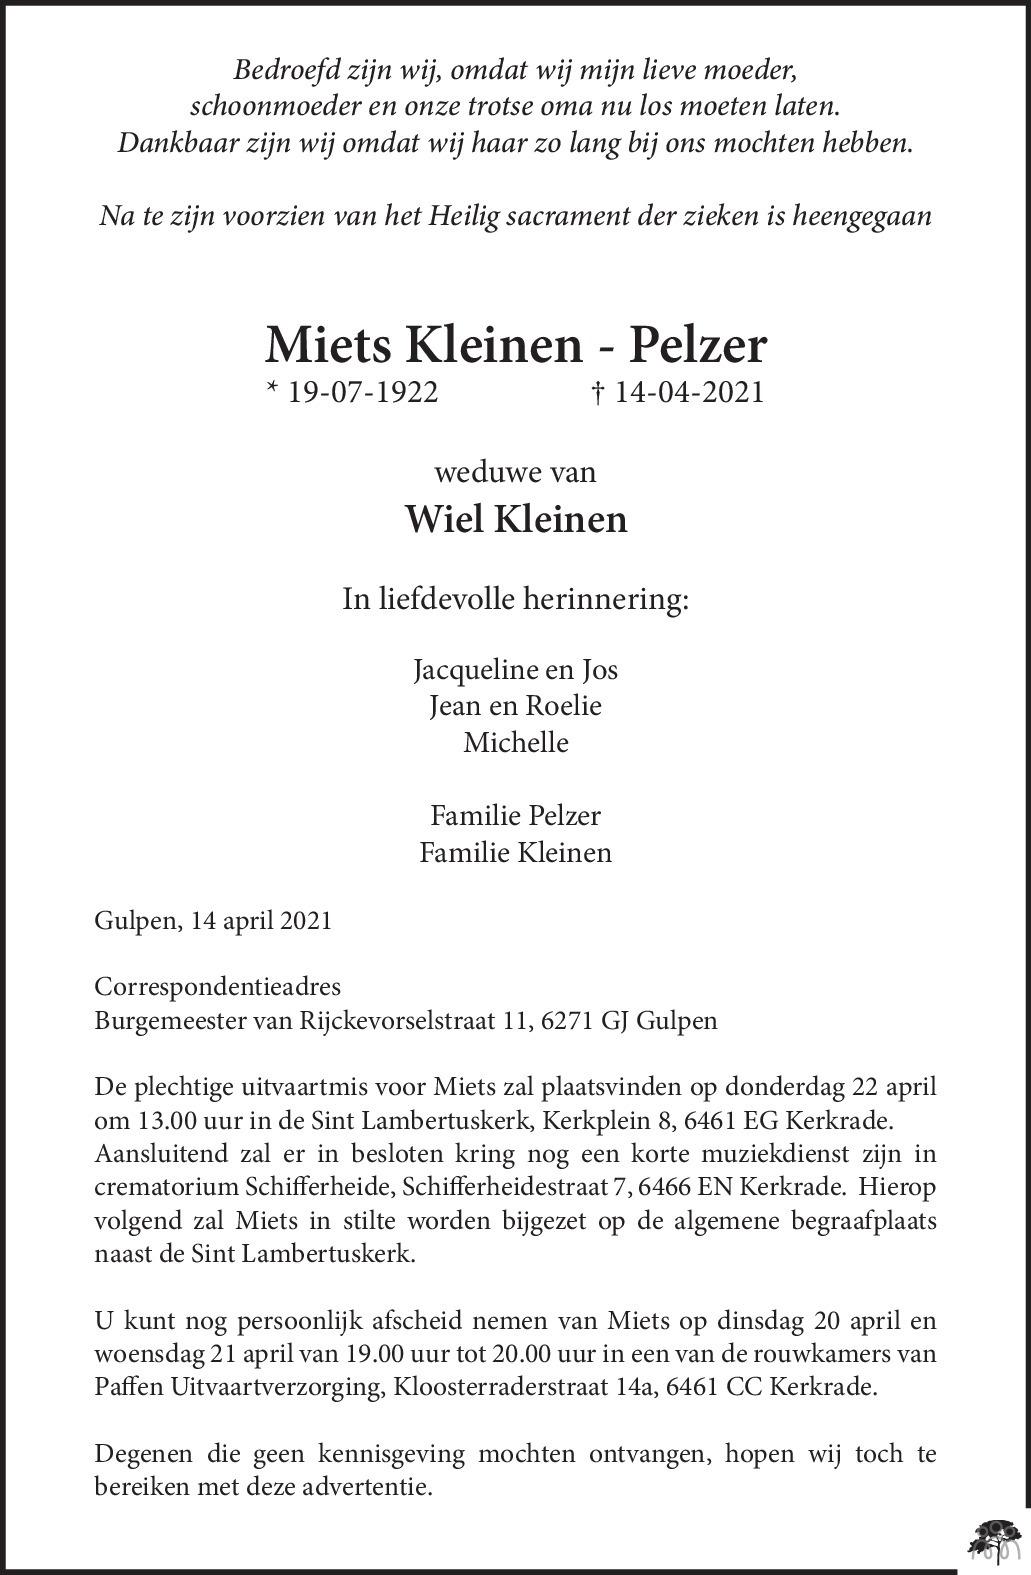 Overlijdensbericht van Miets Kleinen-Pelzer in De Limburger